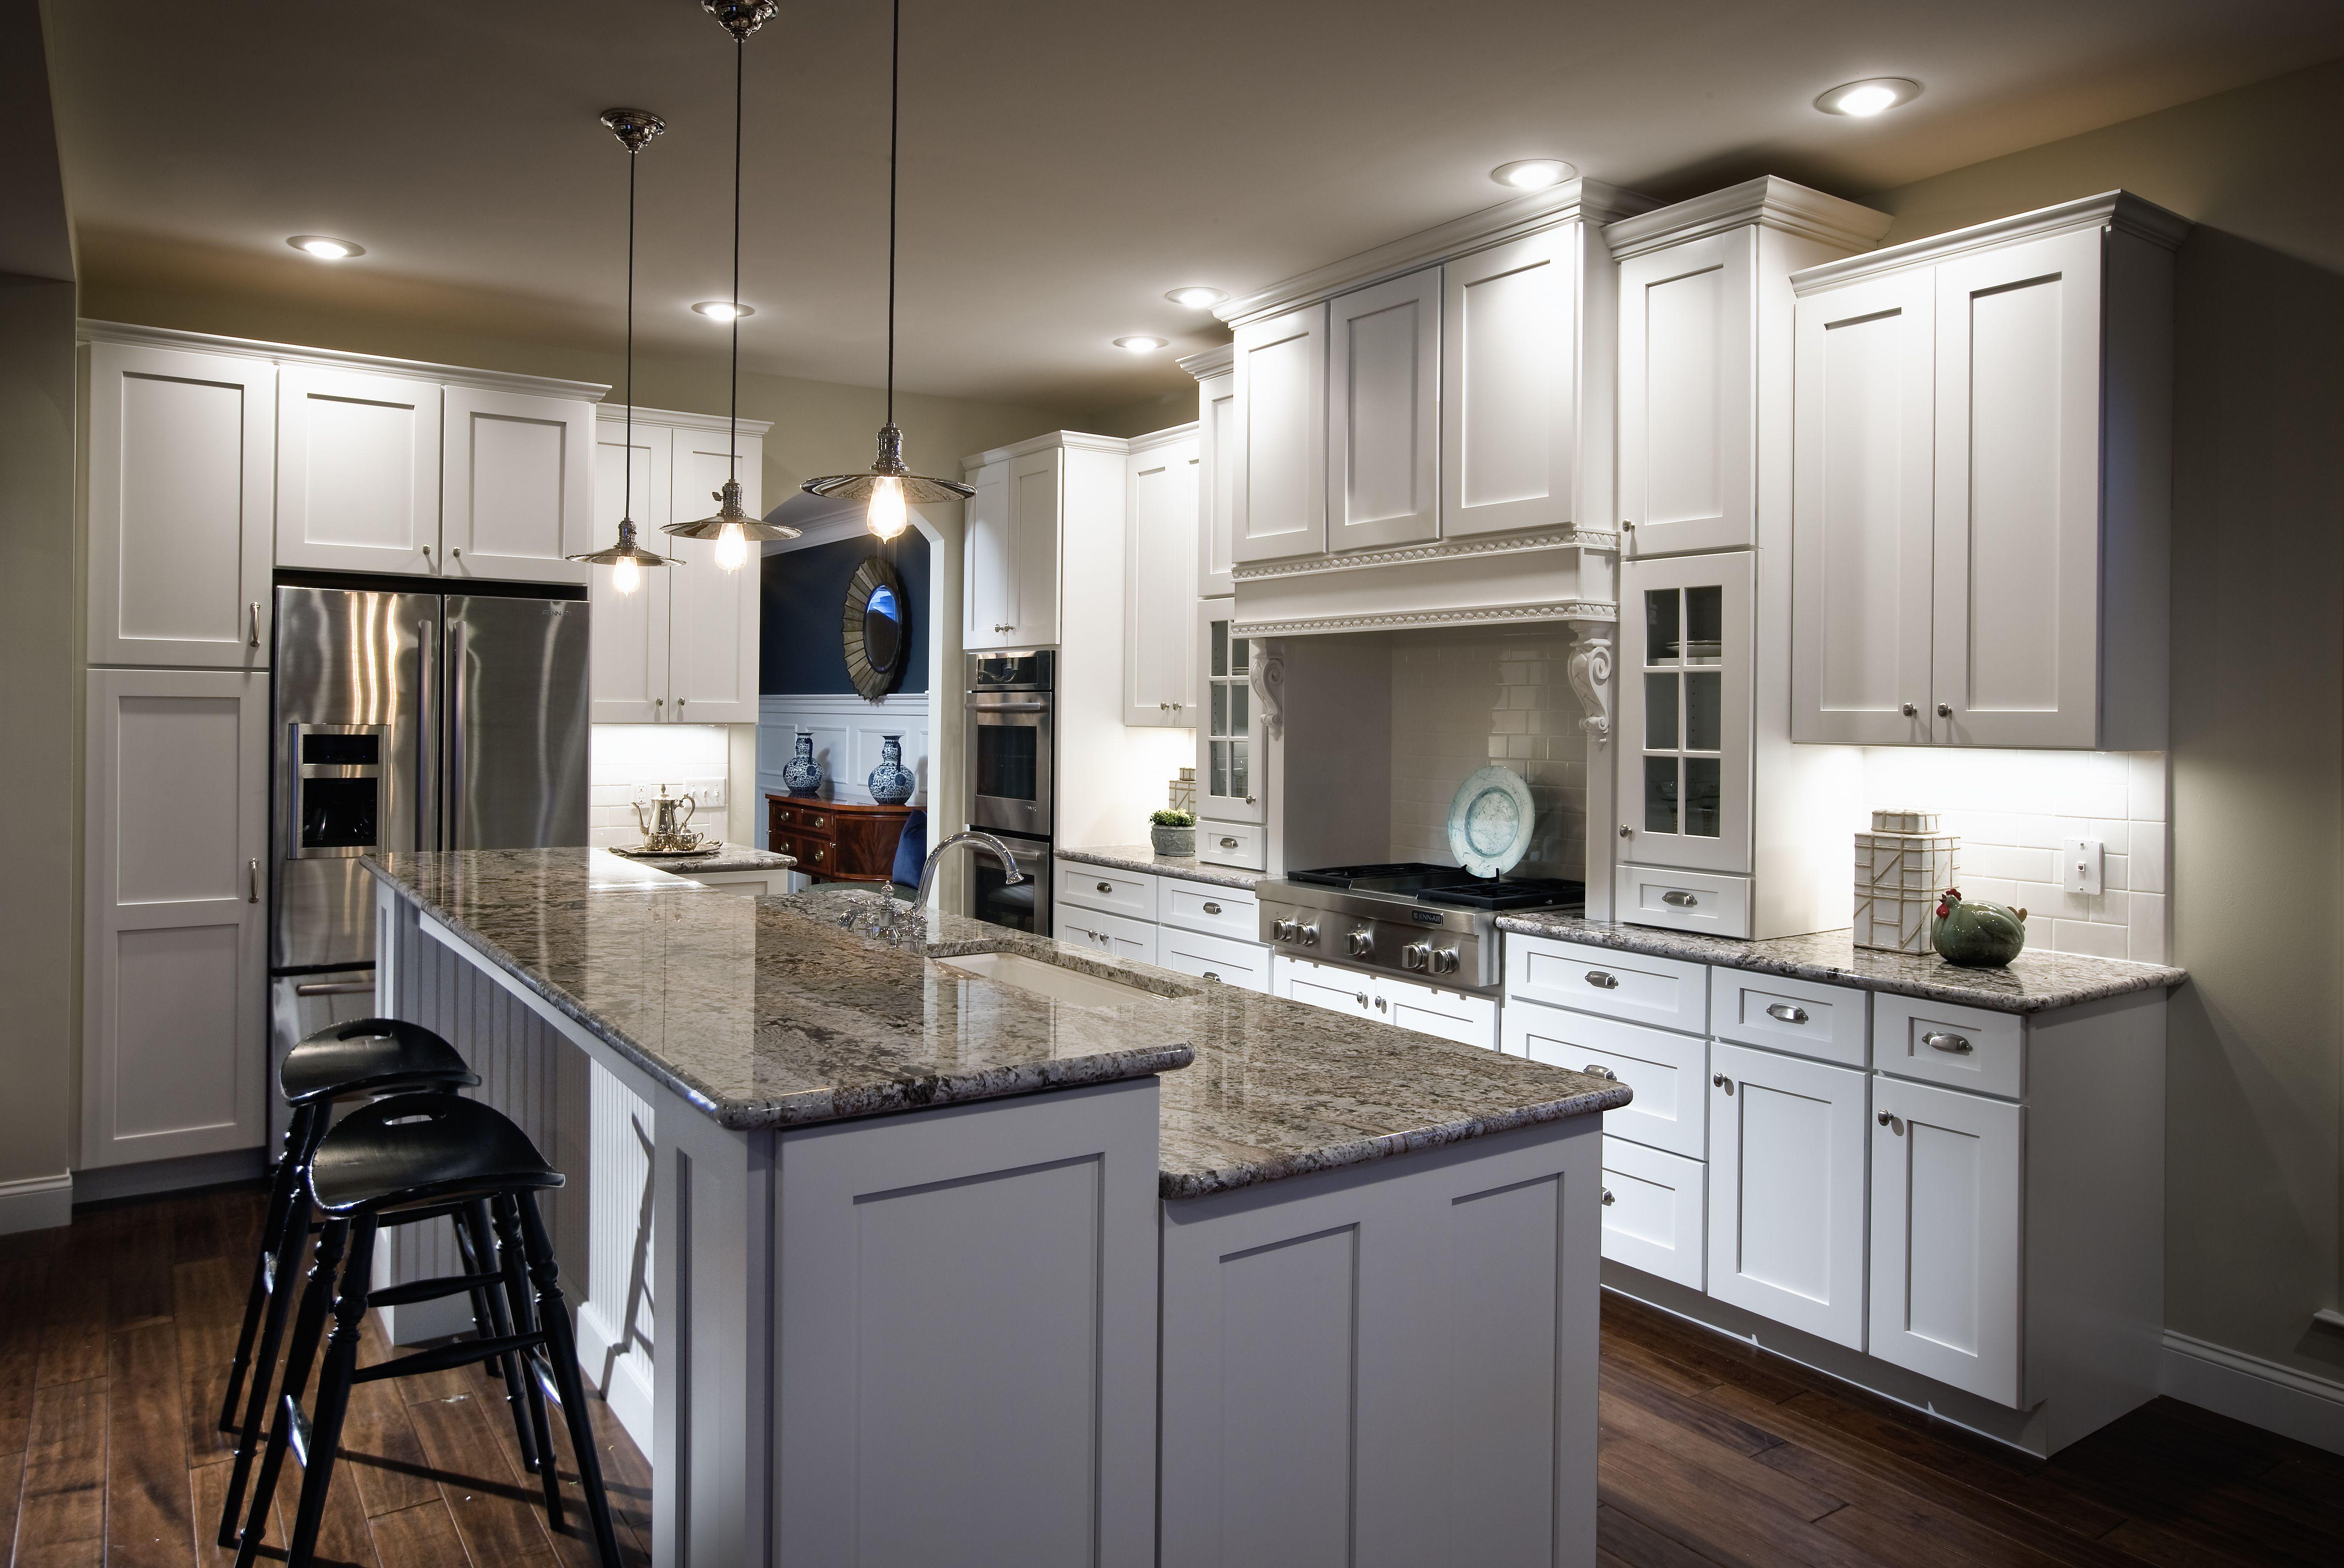 kitchen island design kitchen designs with islands images about Kitchen Islands Designs and Ideas on Pinterest